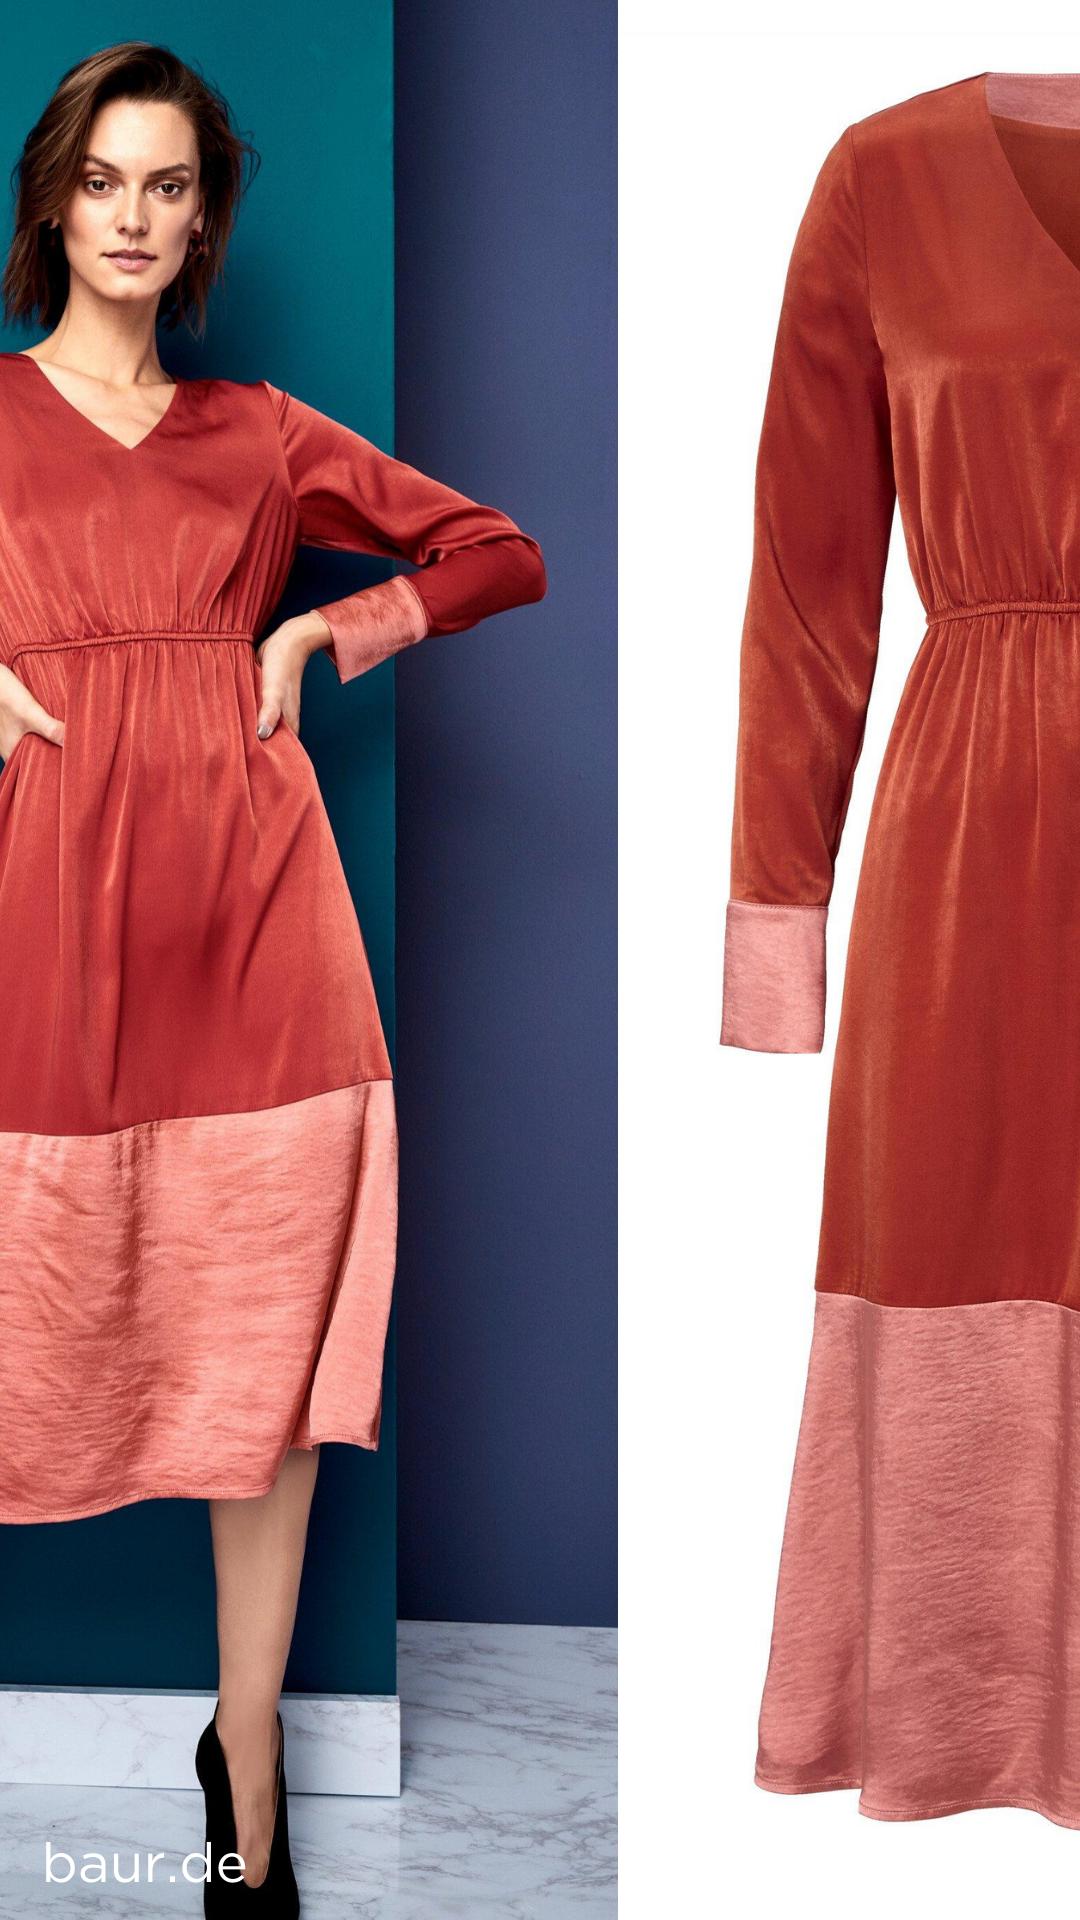 Entdecke auf baur.de angesagte Kleider #baur #kleider in 10